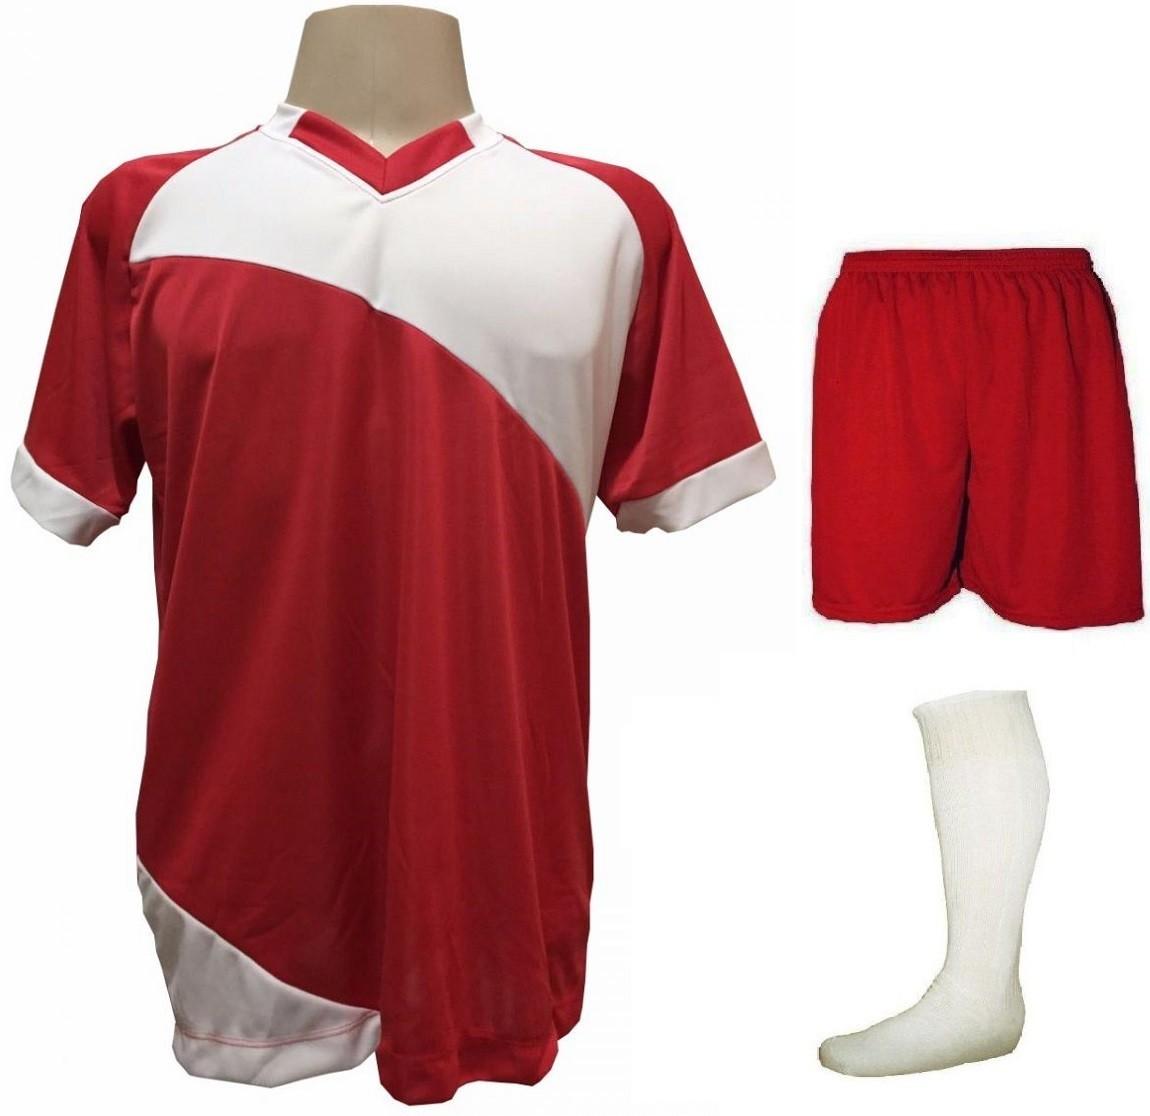 Fardamento Completo modelo Bélgica 20+2 (20 camisas Vermelho/Branco + 20 calções modelo Madrid Vermelho + 20 pares de meiões Branco + 2 conjuntos de goleiro) + Brindes